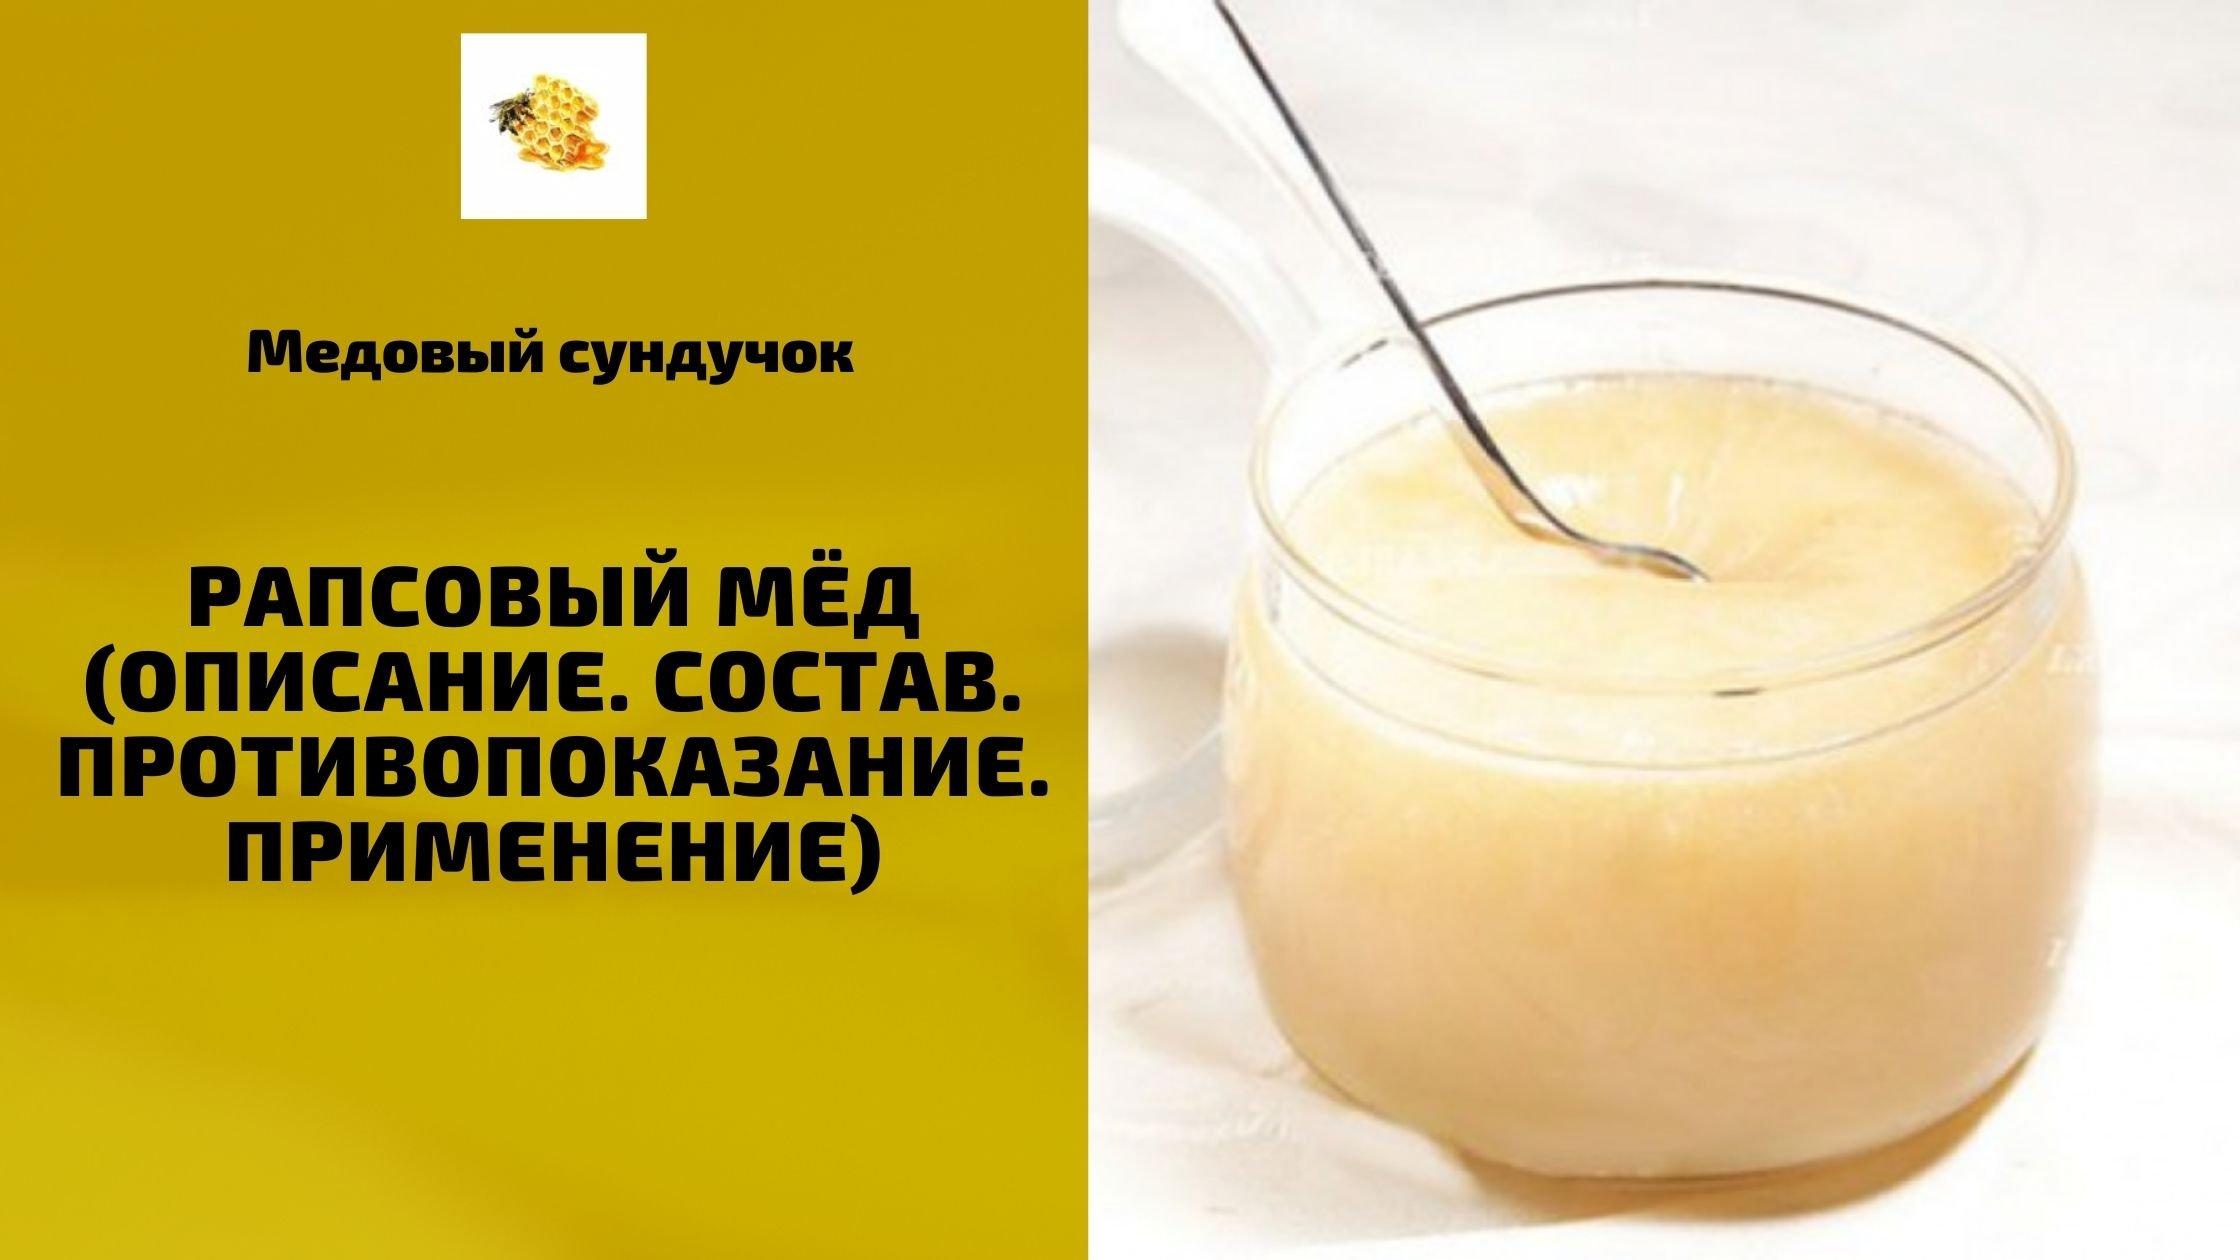 Рапсовый мёд (Описание. Состав. Применение. Противопоказания)